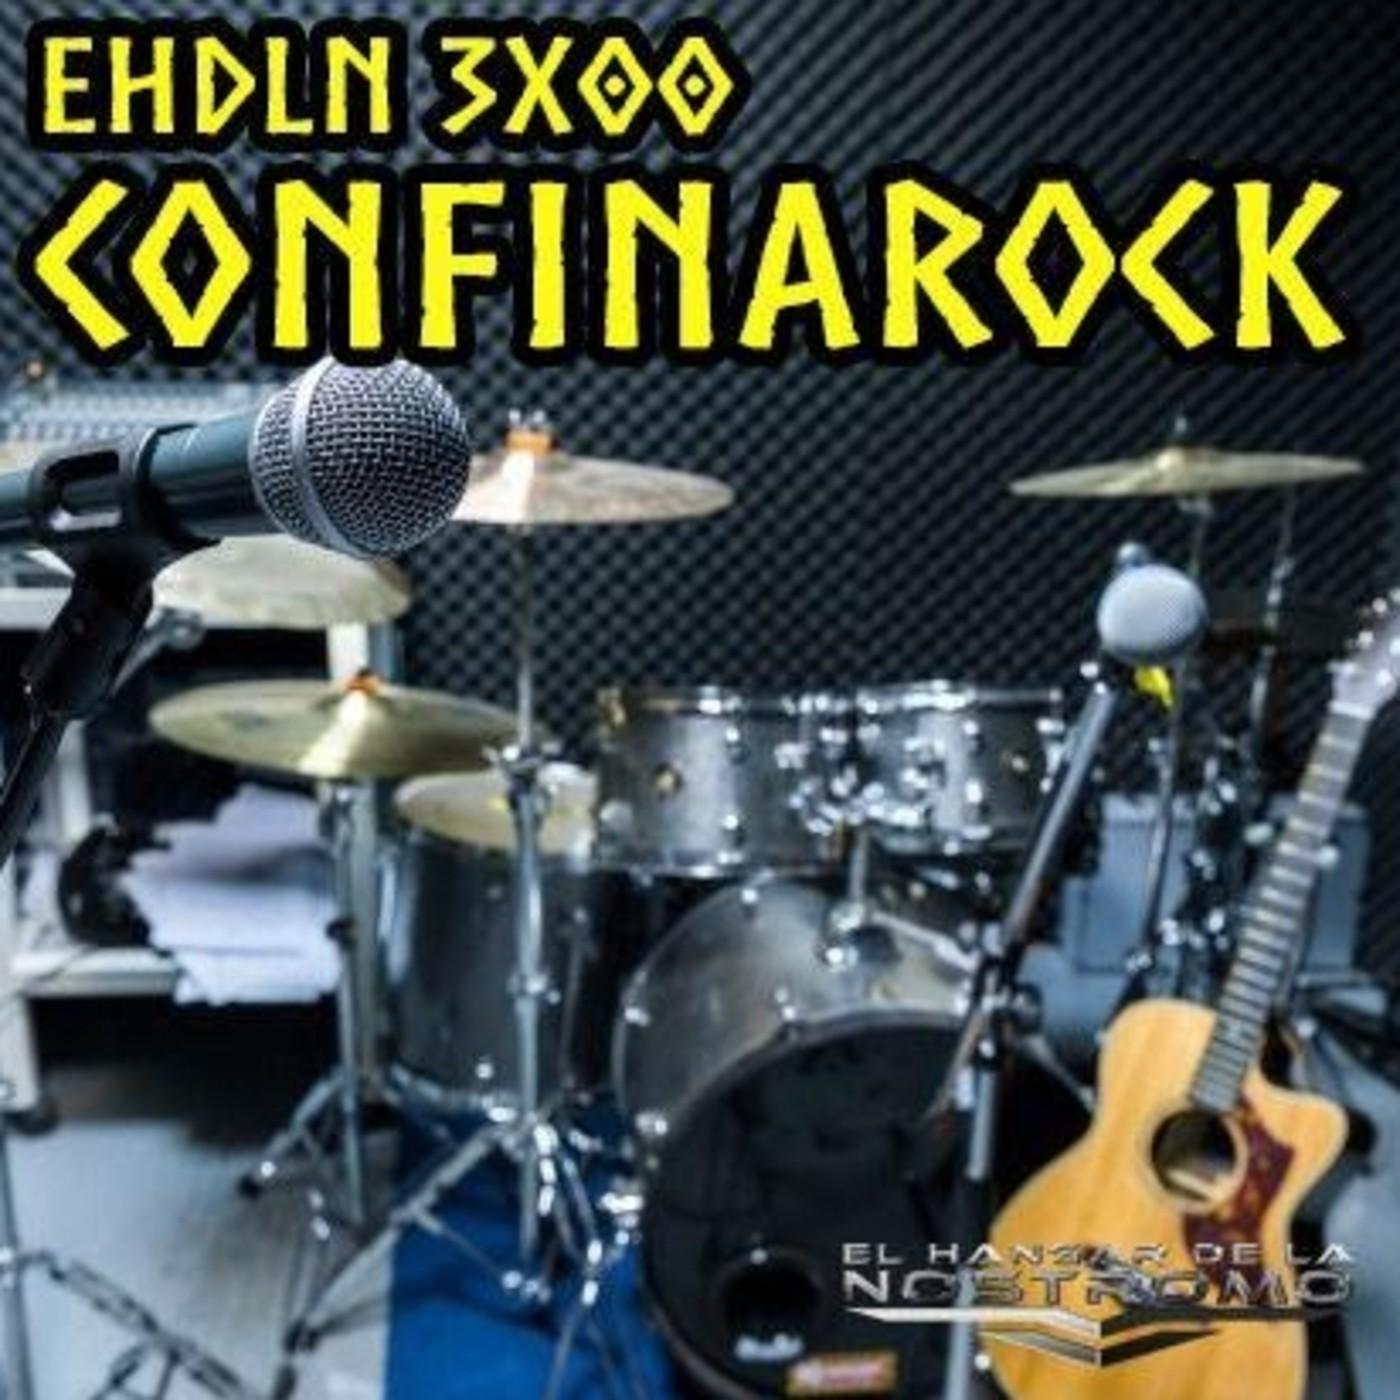 EHDLN 3x00 - Confinarock (Metallica, Scorpions, Rolling Stones, Queen, ...)